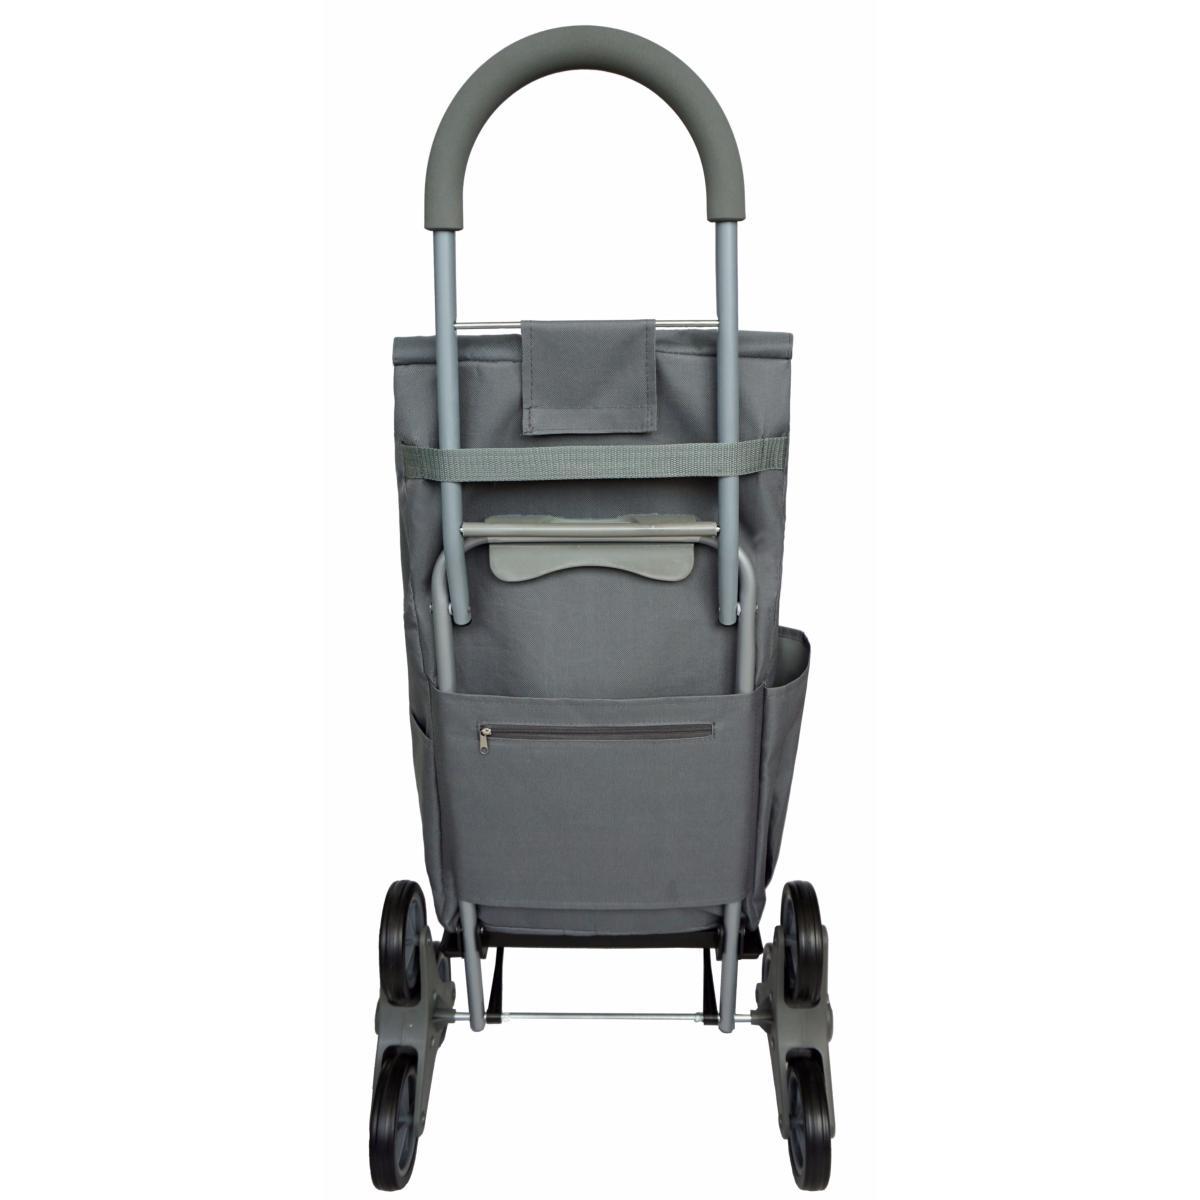 chariot de courses monte escalier bo time double utilisation capacit 40l. Black Bedroom Furniture Sets. Home Design Ideas